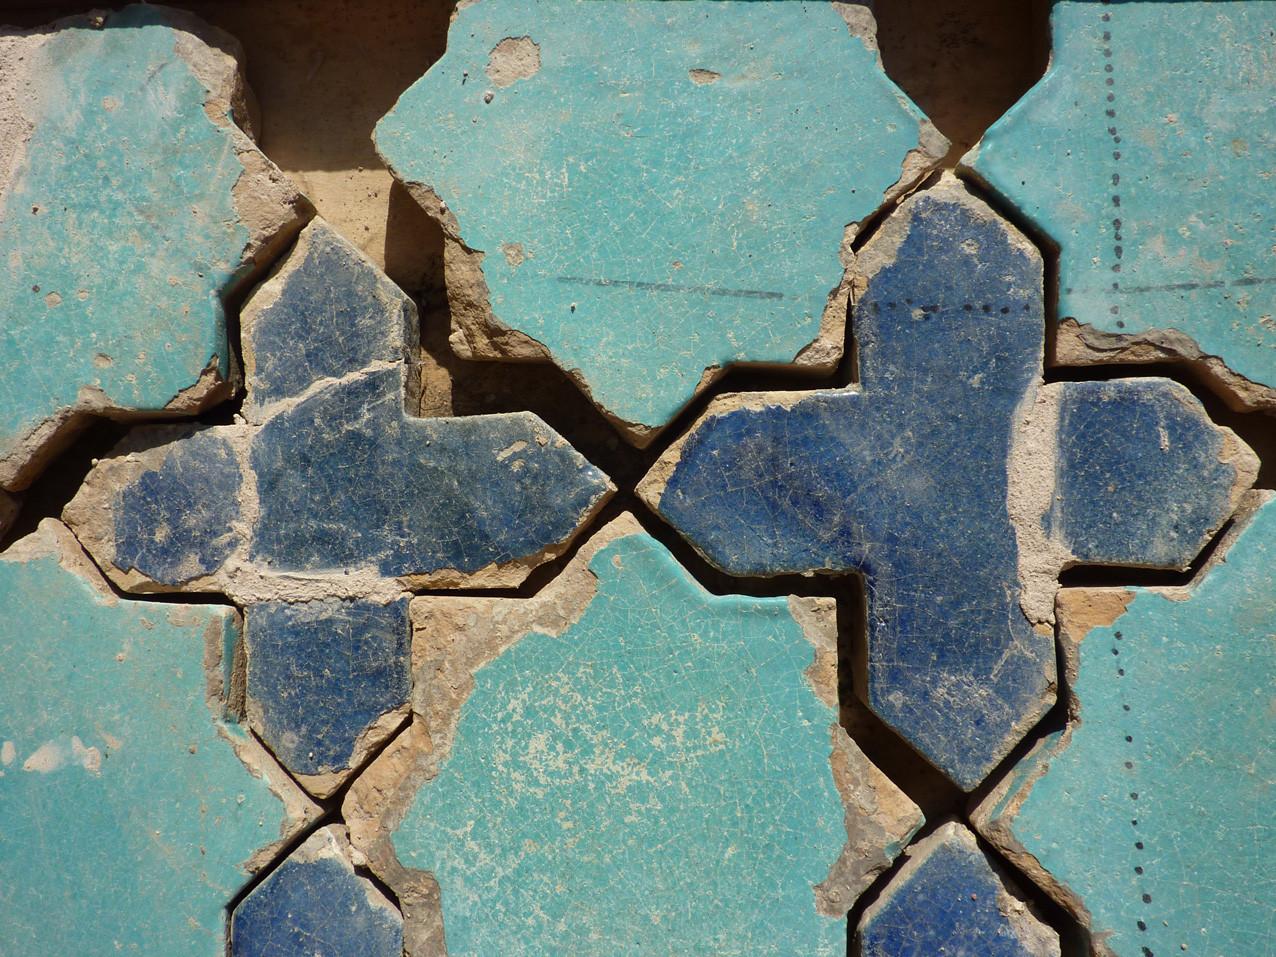 Le ragréage beige clair est visible au niveau des branches des croix bleues (Socra, 2012)